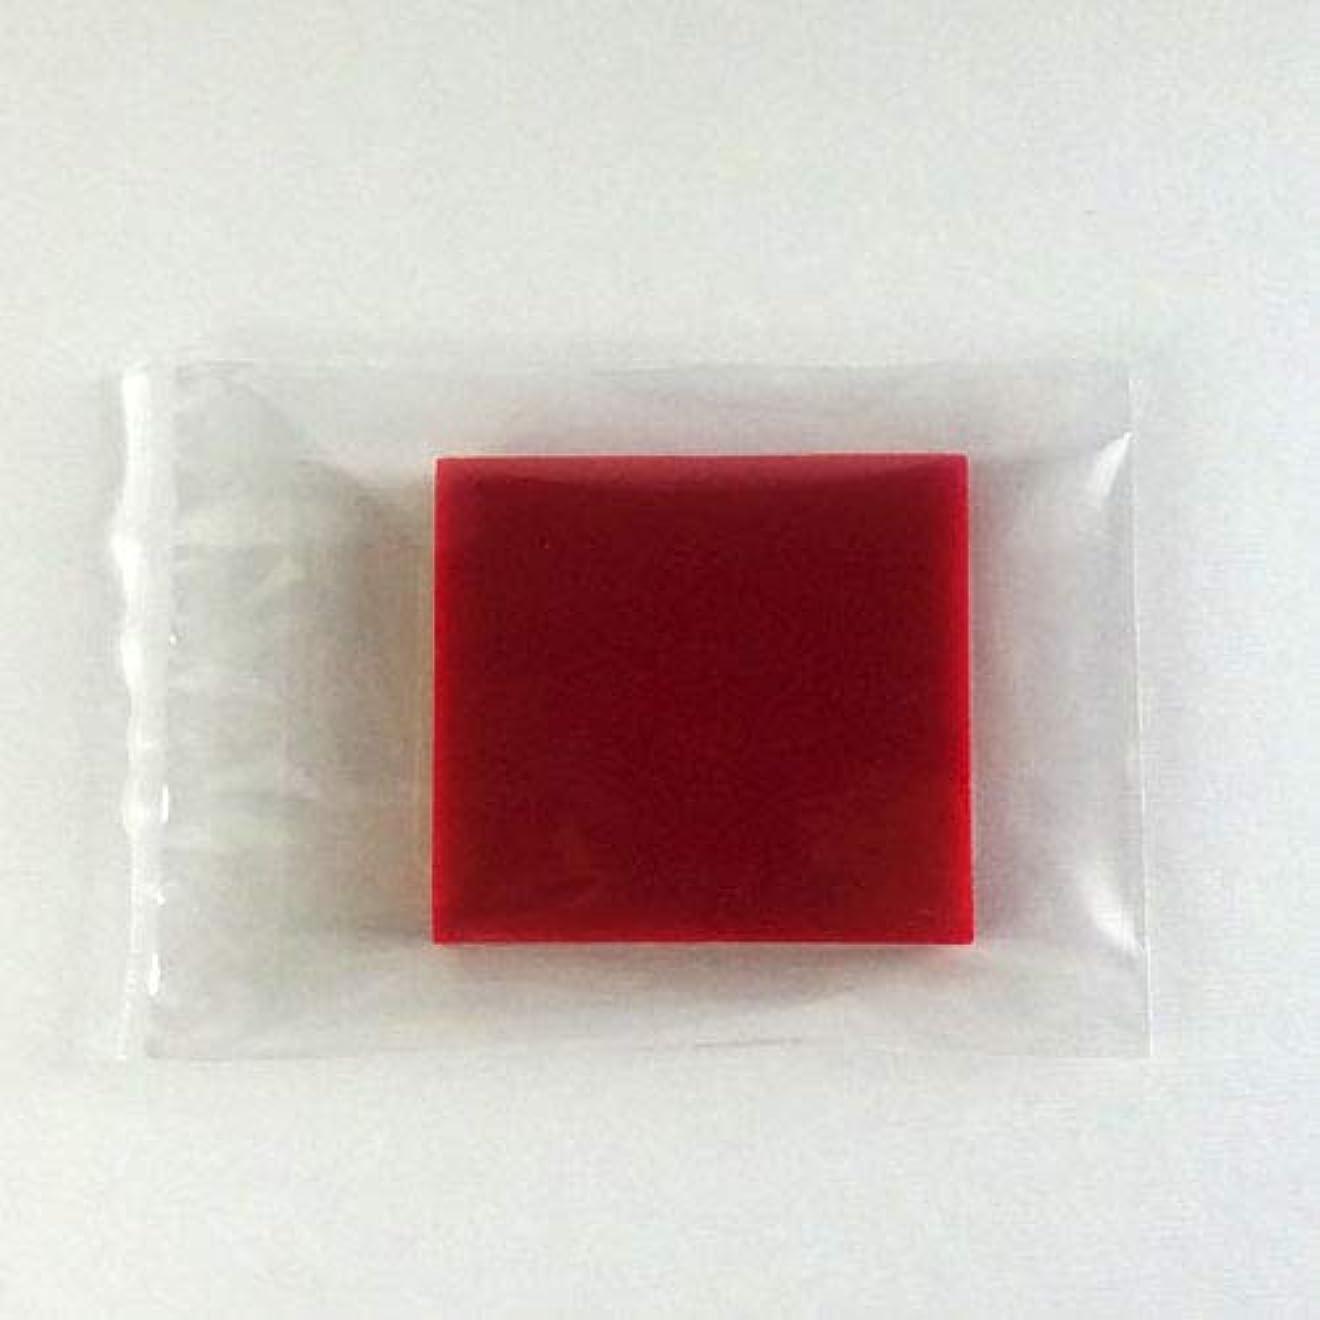 びっくりした発生するどれグリセリンソープ MPソープ 色チップ 赤(レッド) 30g